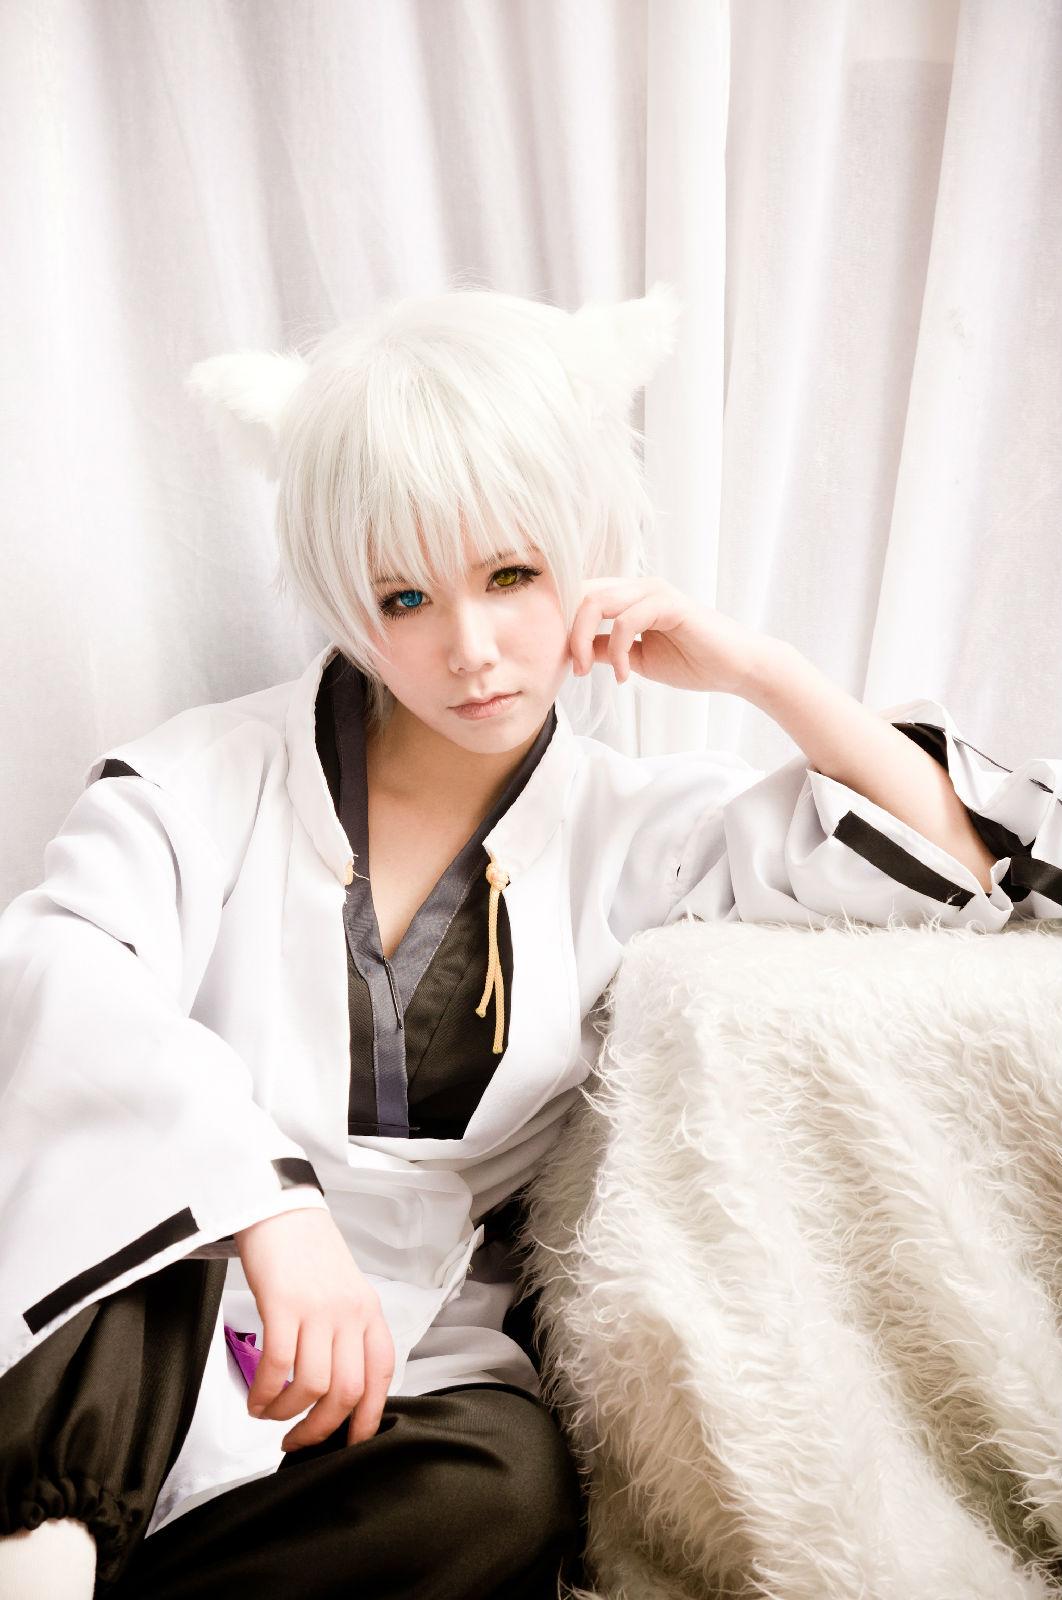 妖狐x仆ss 御狐神双炽 高清图片